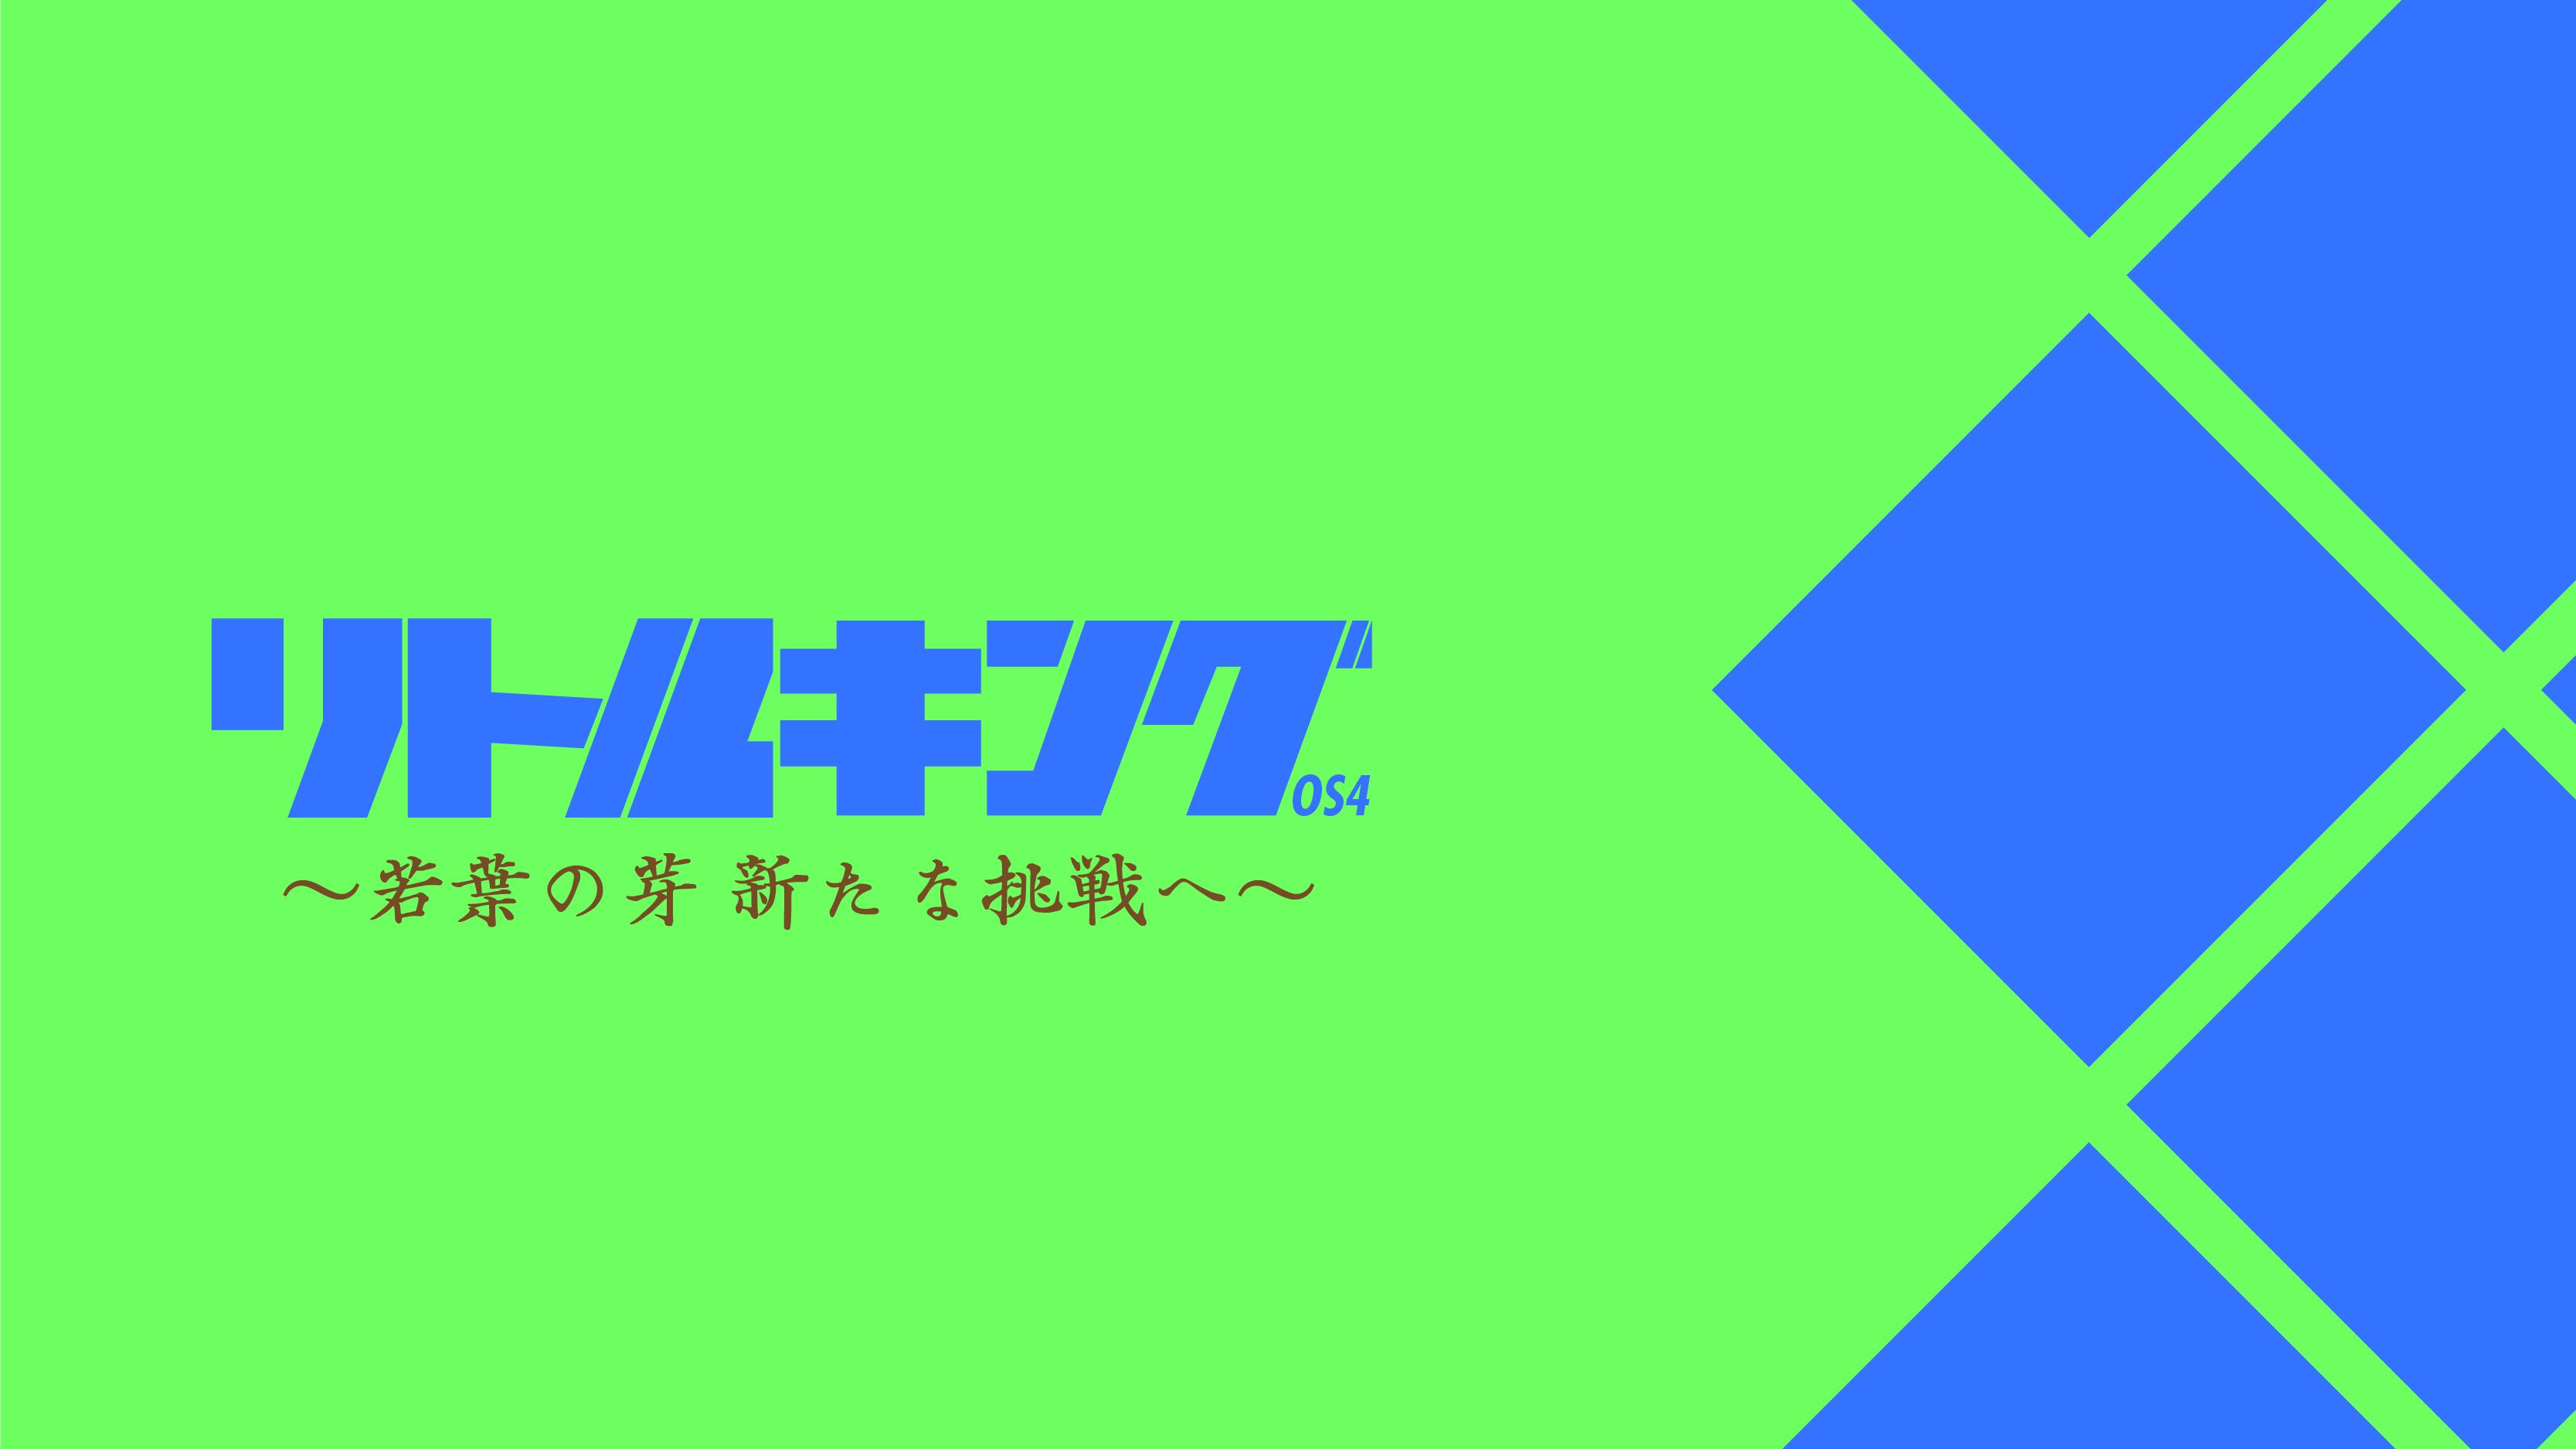 リトルキングOS4〜若葉の芽 新たな挑戦へ〜